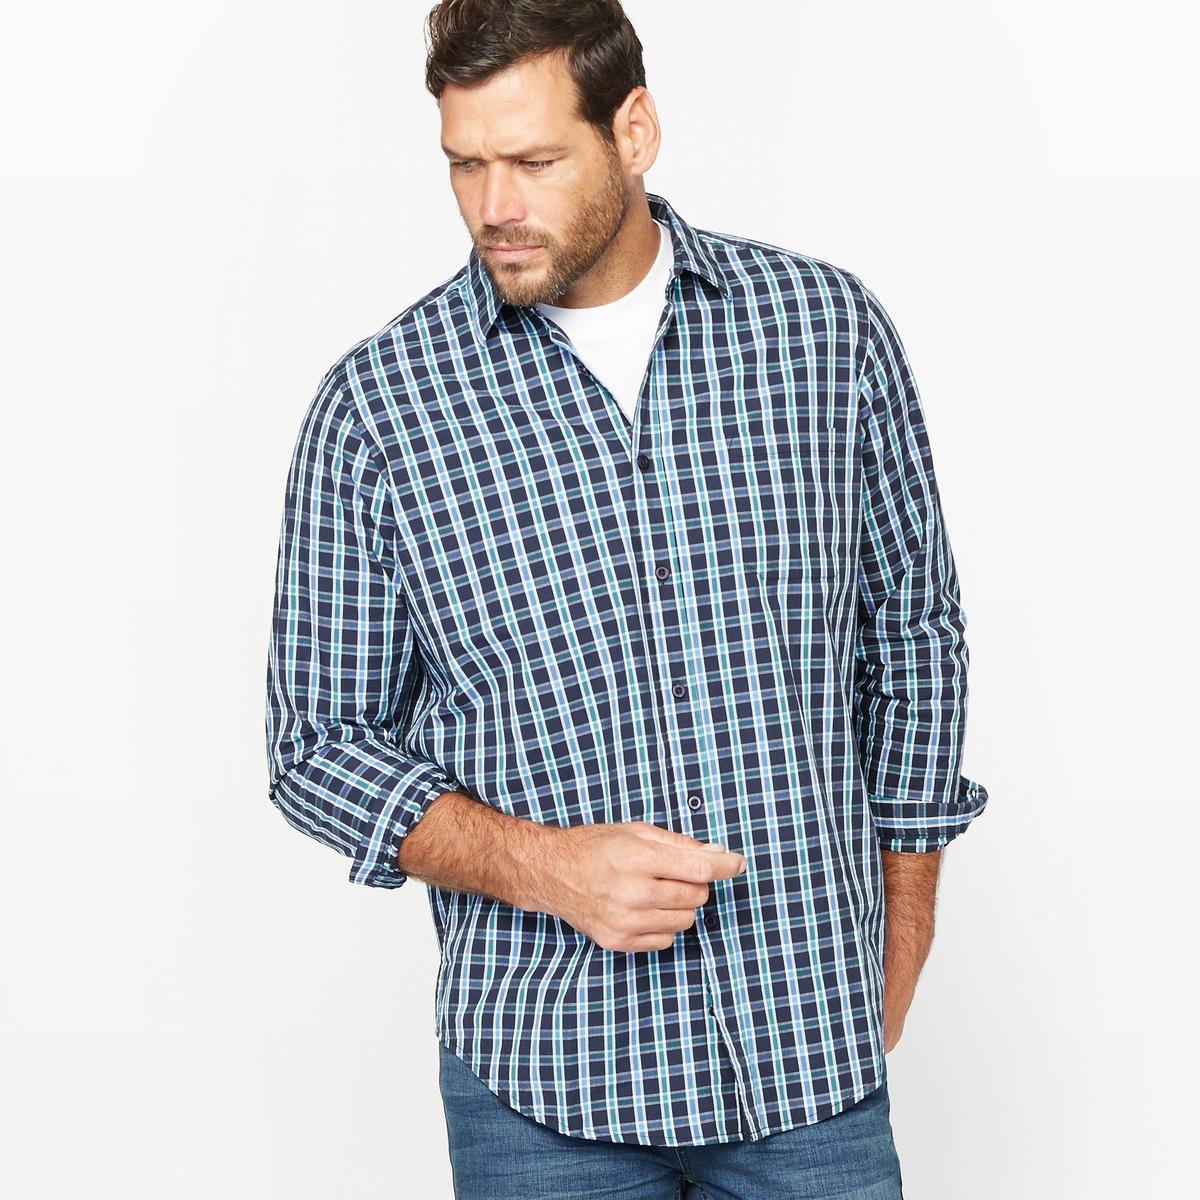 Рубашка в клеткуМатериал : поплин из 100% хлопка.Длина переда от 83 до 90 см в зависимости от размера .Марка : CASTALUNA FOR MEN.Уход : Машинная стирка при 30 °C.<br><br>Цвет: в клетку темно-синий<br>Размер: 41/42.49/50